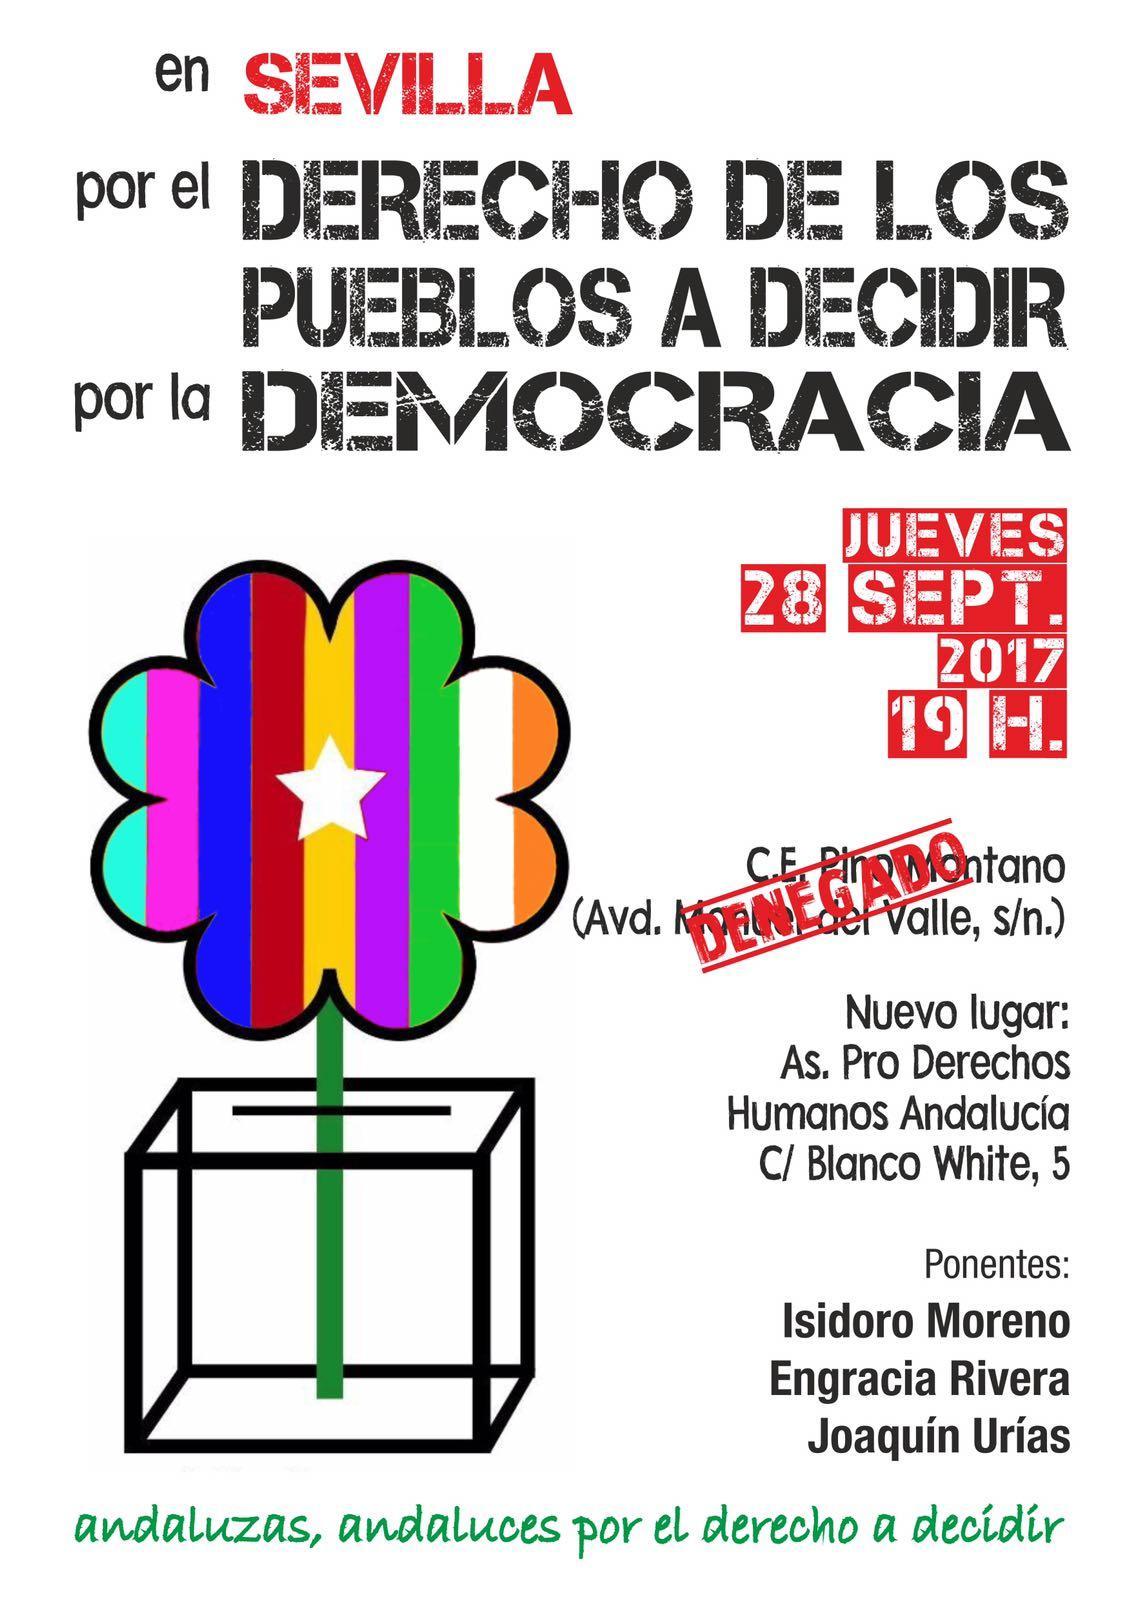 Jueves 28, 19H. Acto en Sevilla. POR EL DERECHO DE LOS PUEBLOS A DECIDIR. POR LA DEMOCRACIA